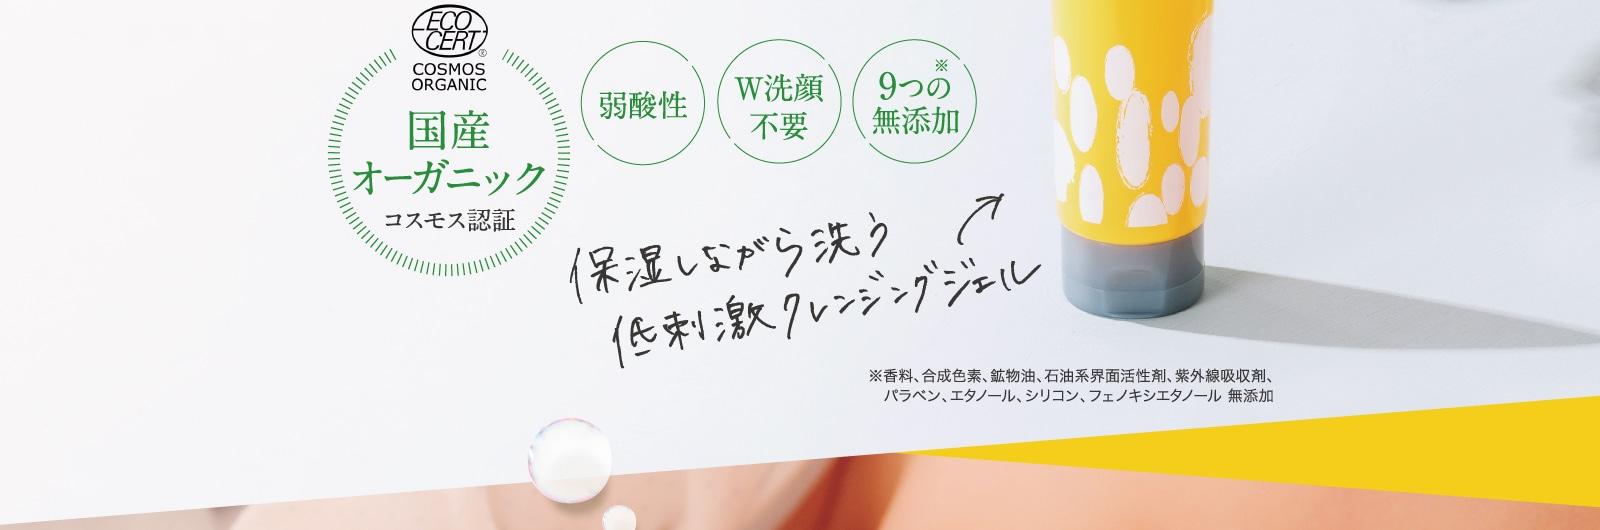 国産オーガニック 弱酸性 W洗顔不要 9つの無添加